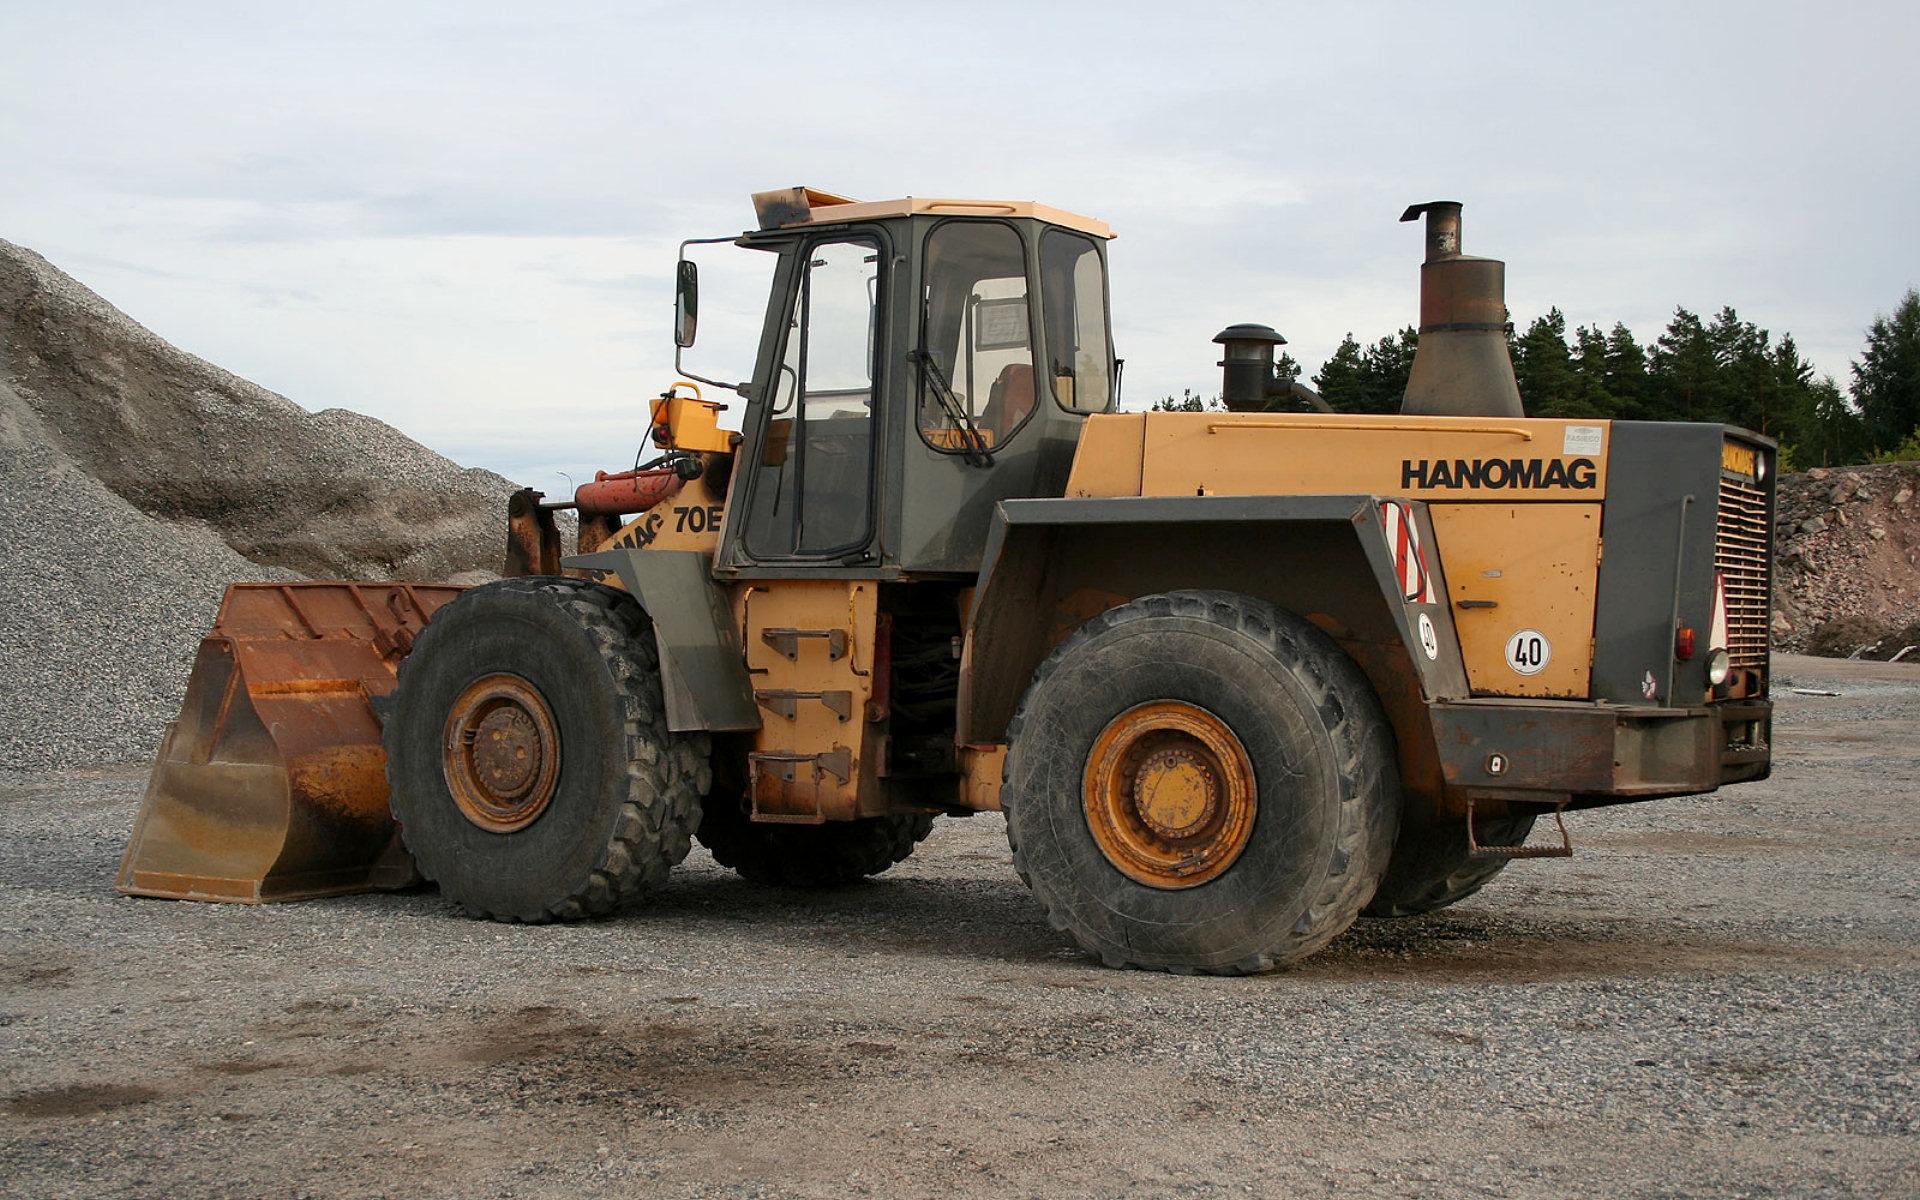 В деревне Глядово Жуковского района, частная организация, под видом строительства нагульных прудов самовольно осуществляла добычу полезных ископаемых с нарушением законодательства.